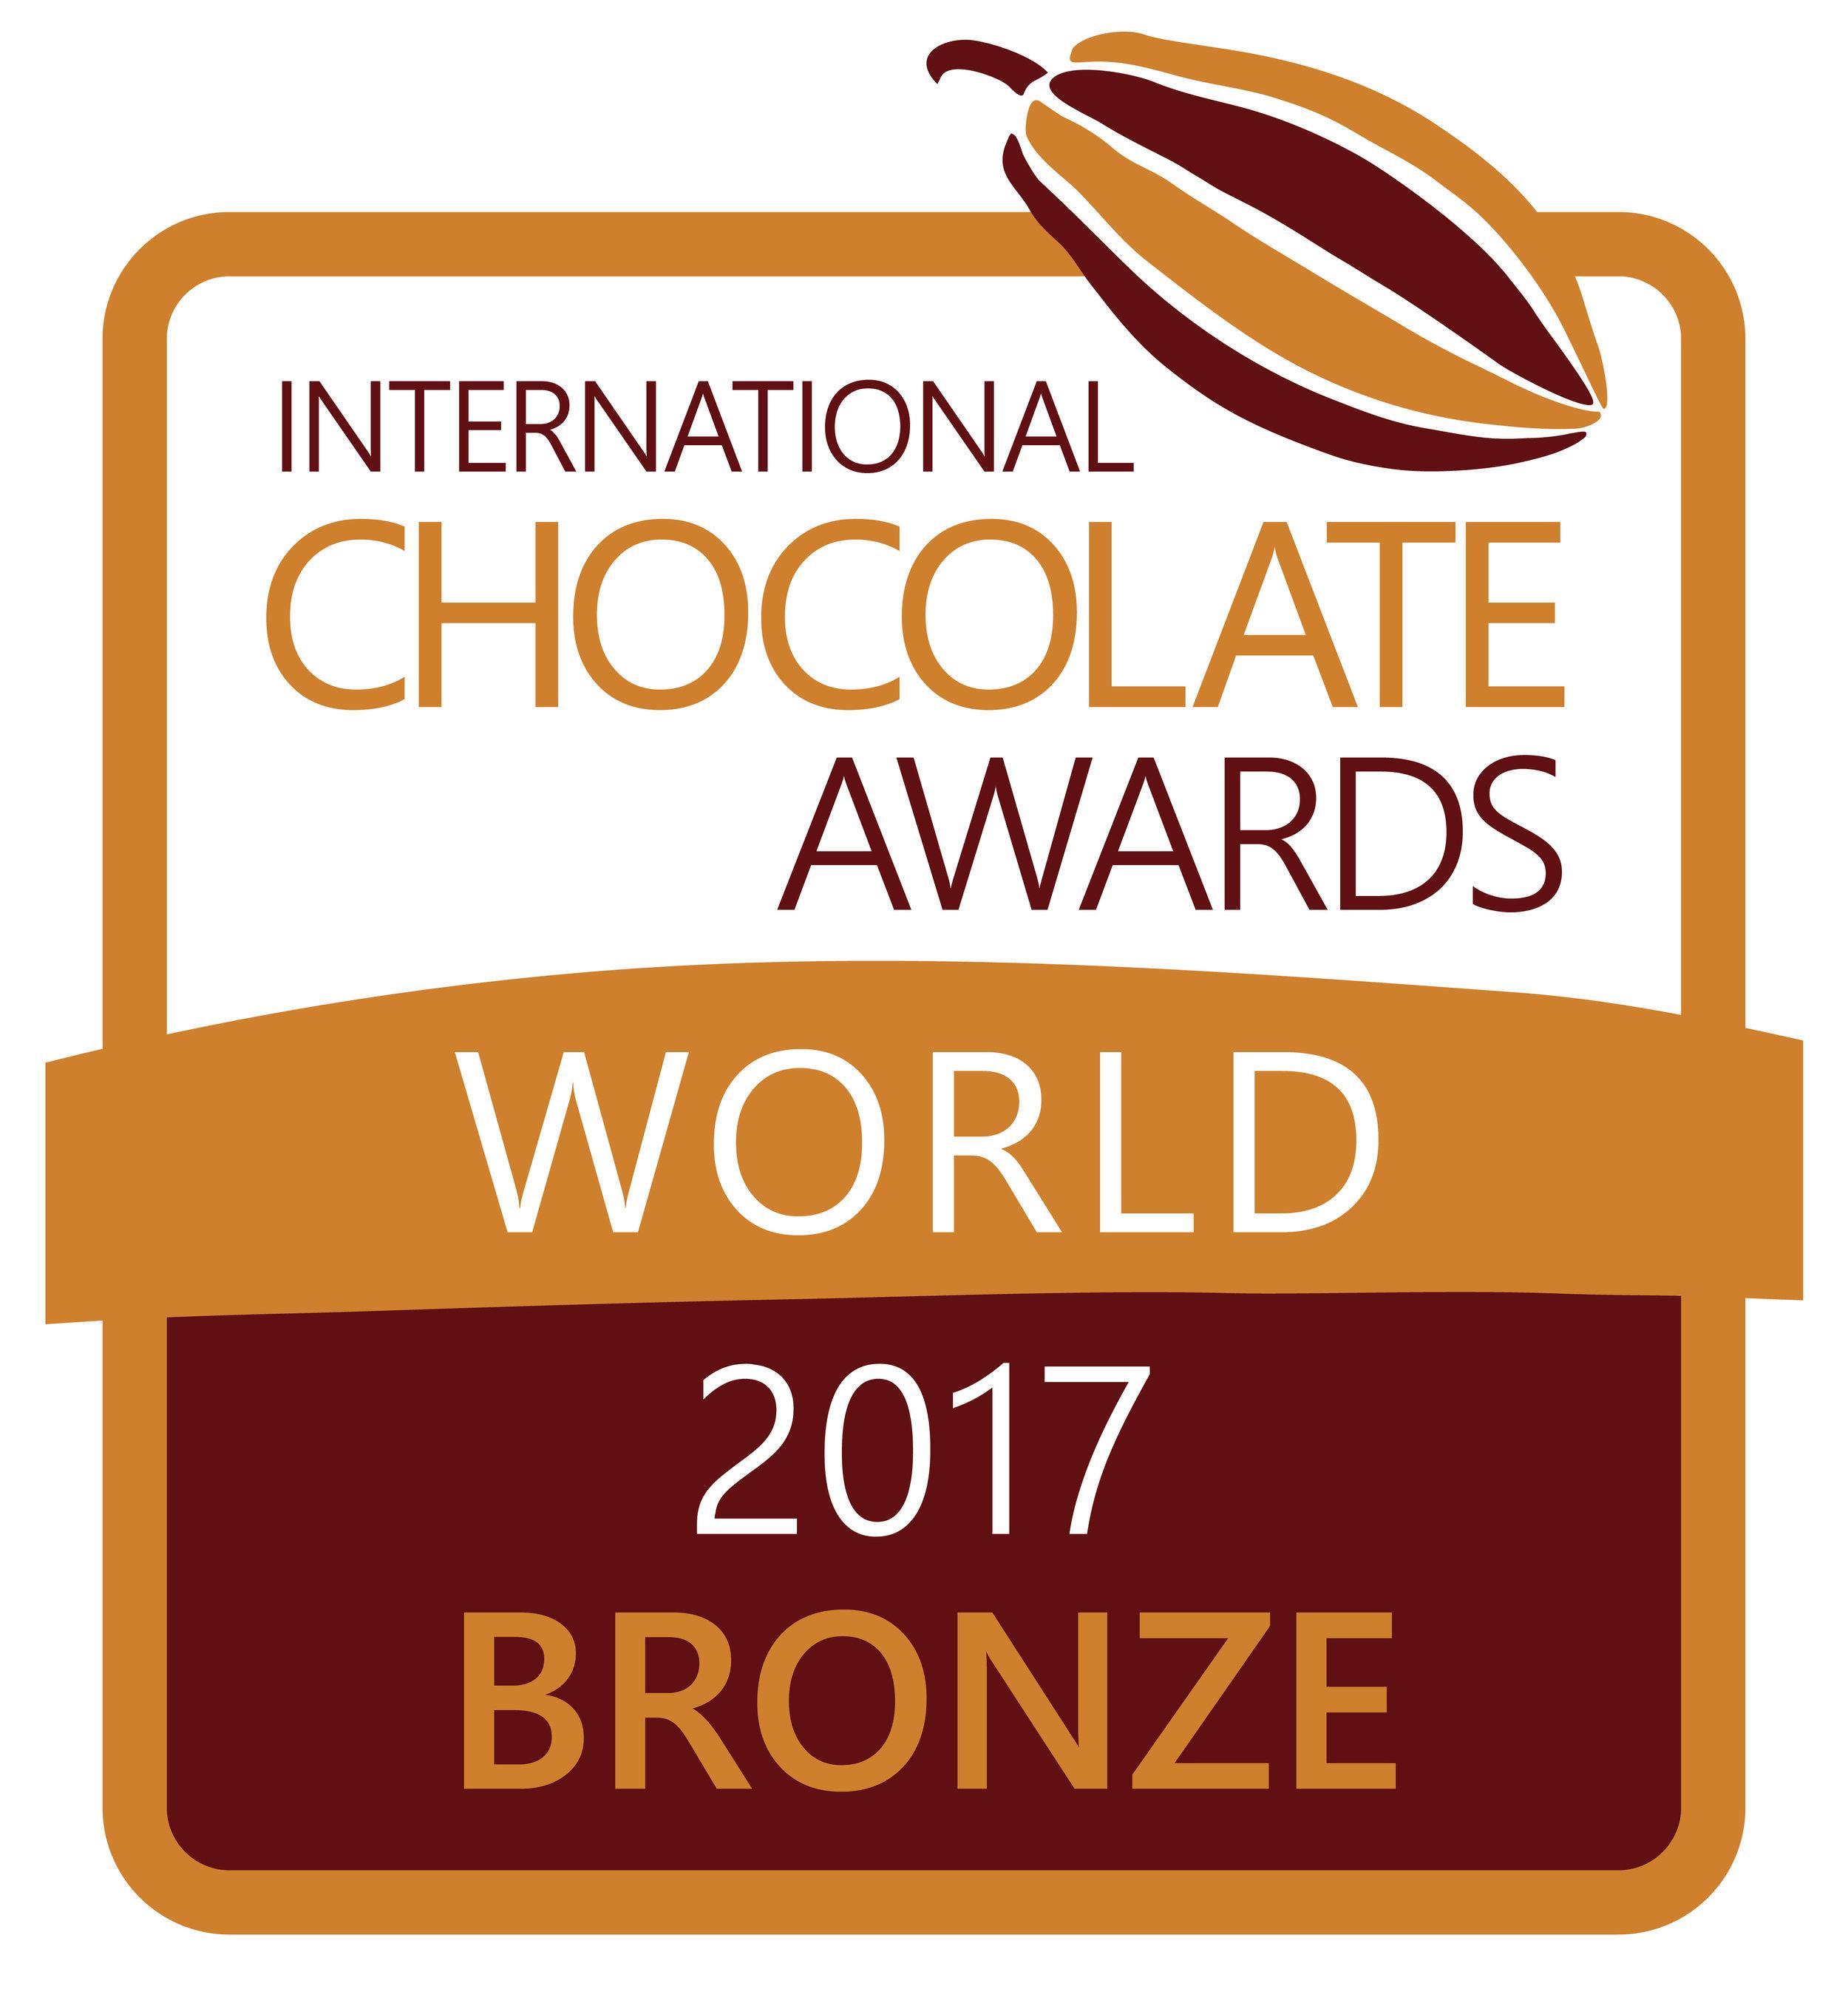 International Chocolate Award Bronze winner 2017